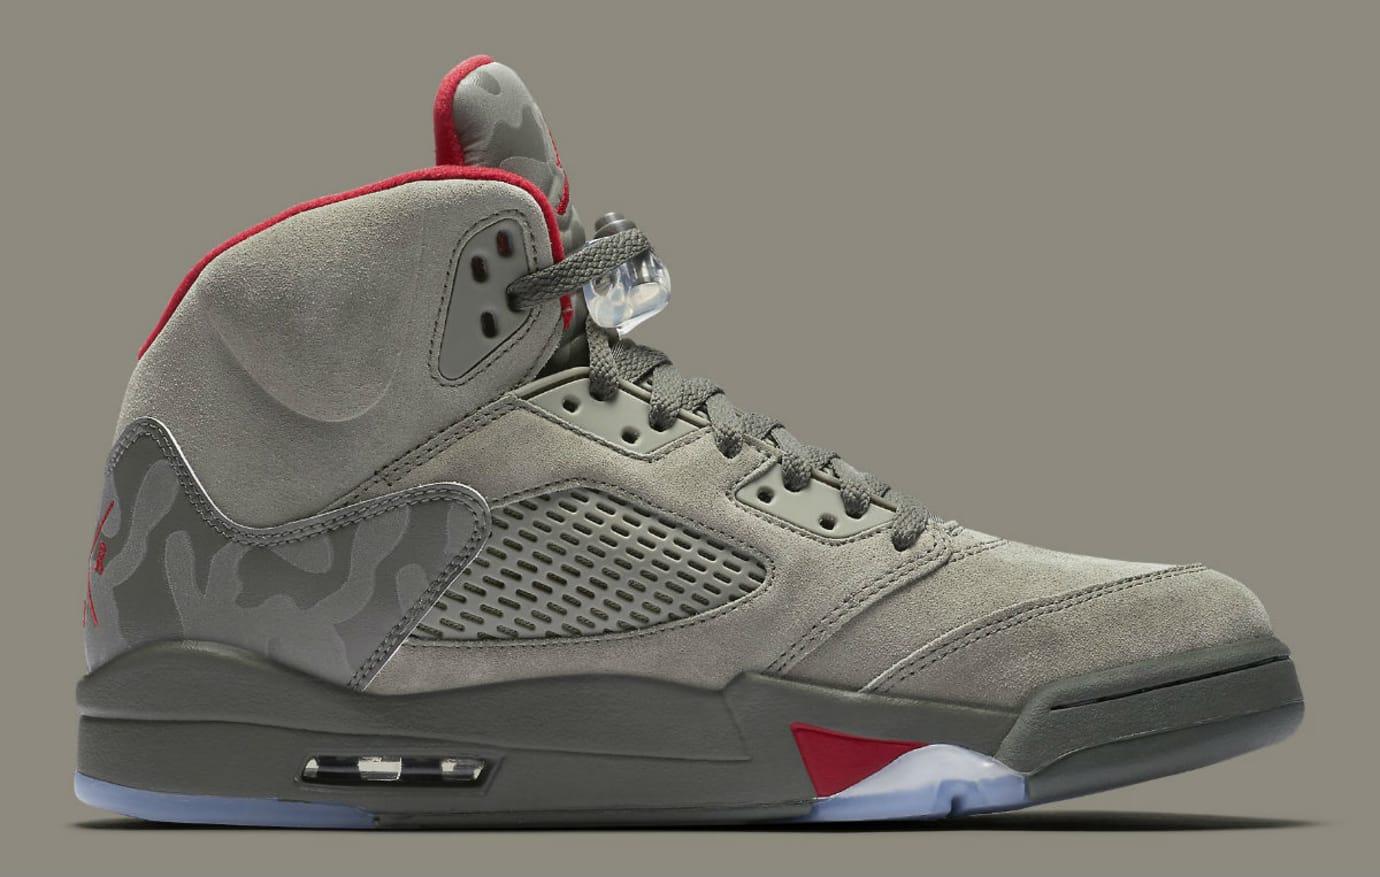 Air Jordan 5 Camo Release Date Medial 136027-051